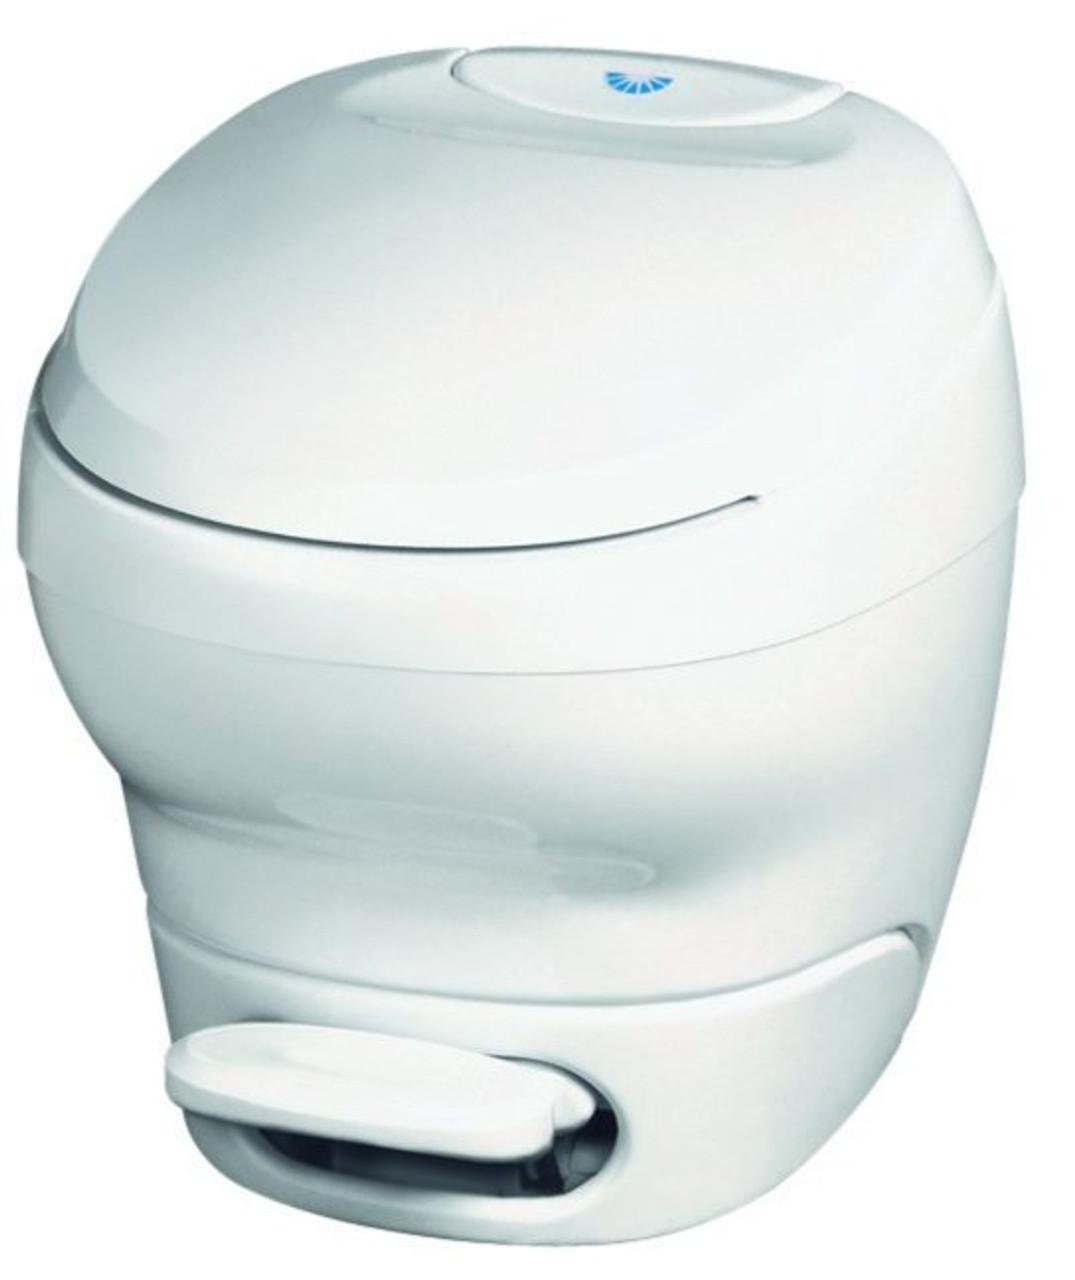 Thetford Bravura High Fixed Toilet